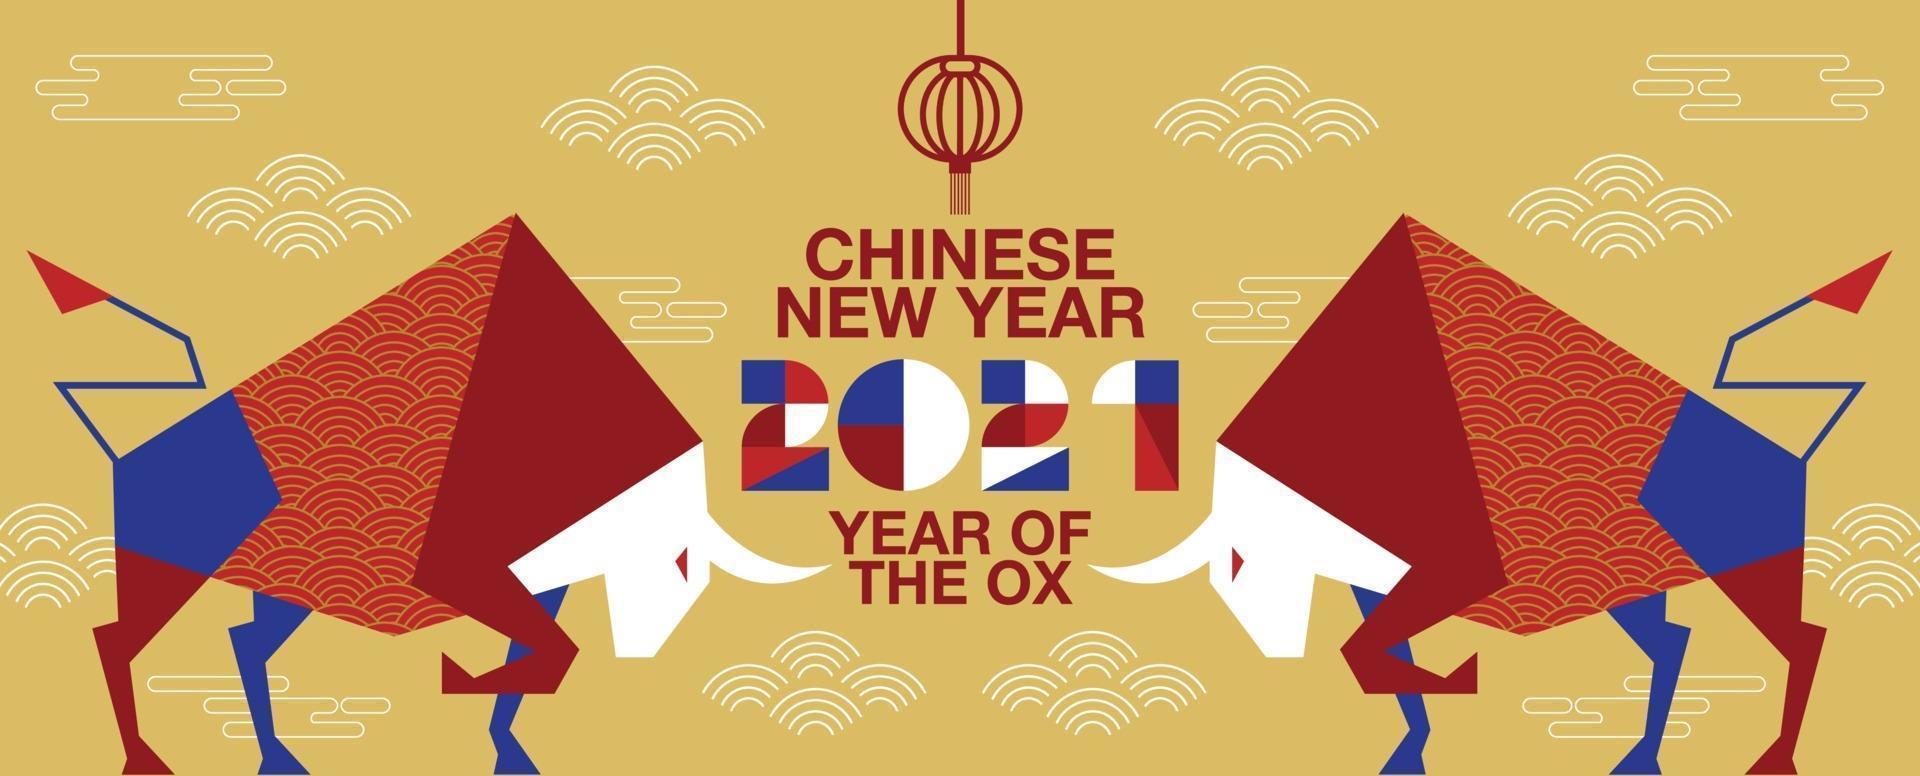 gelukkig nieuwjaar, chinees nieuwjaar, 2021, jaar van de os, stripfiguur, plat ontwerp vector